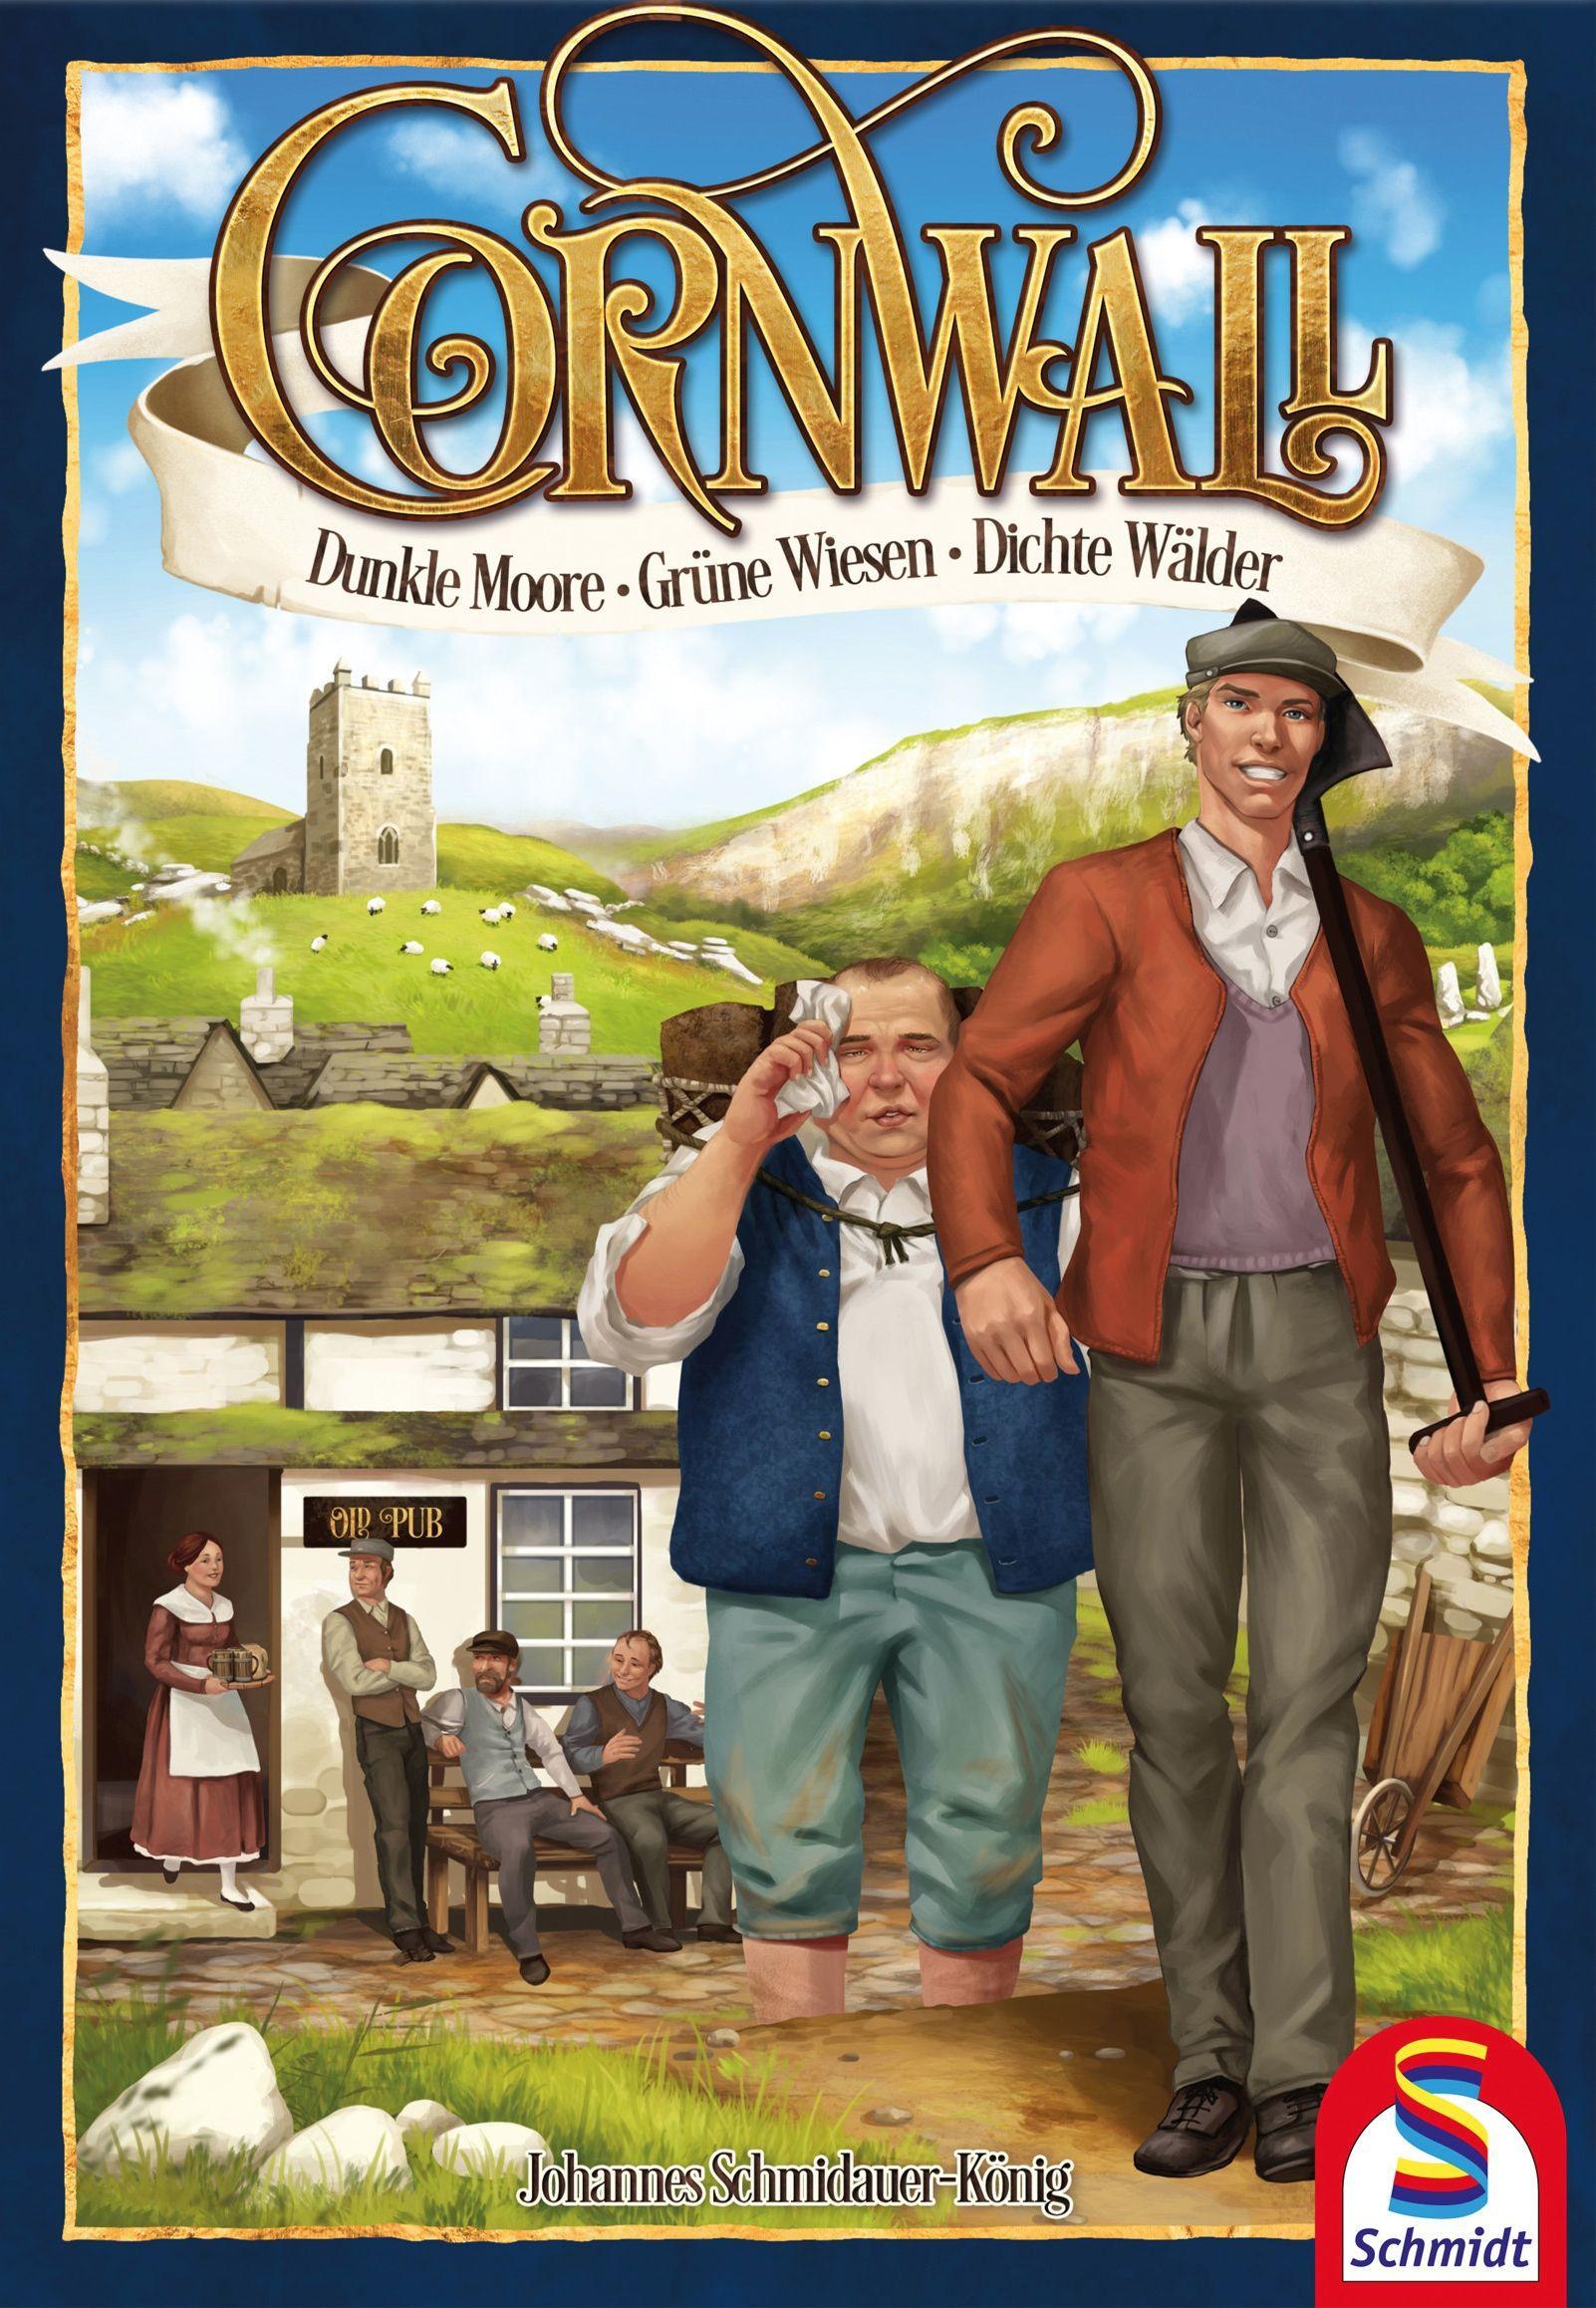 настольная игра Cornwall Корнуолл